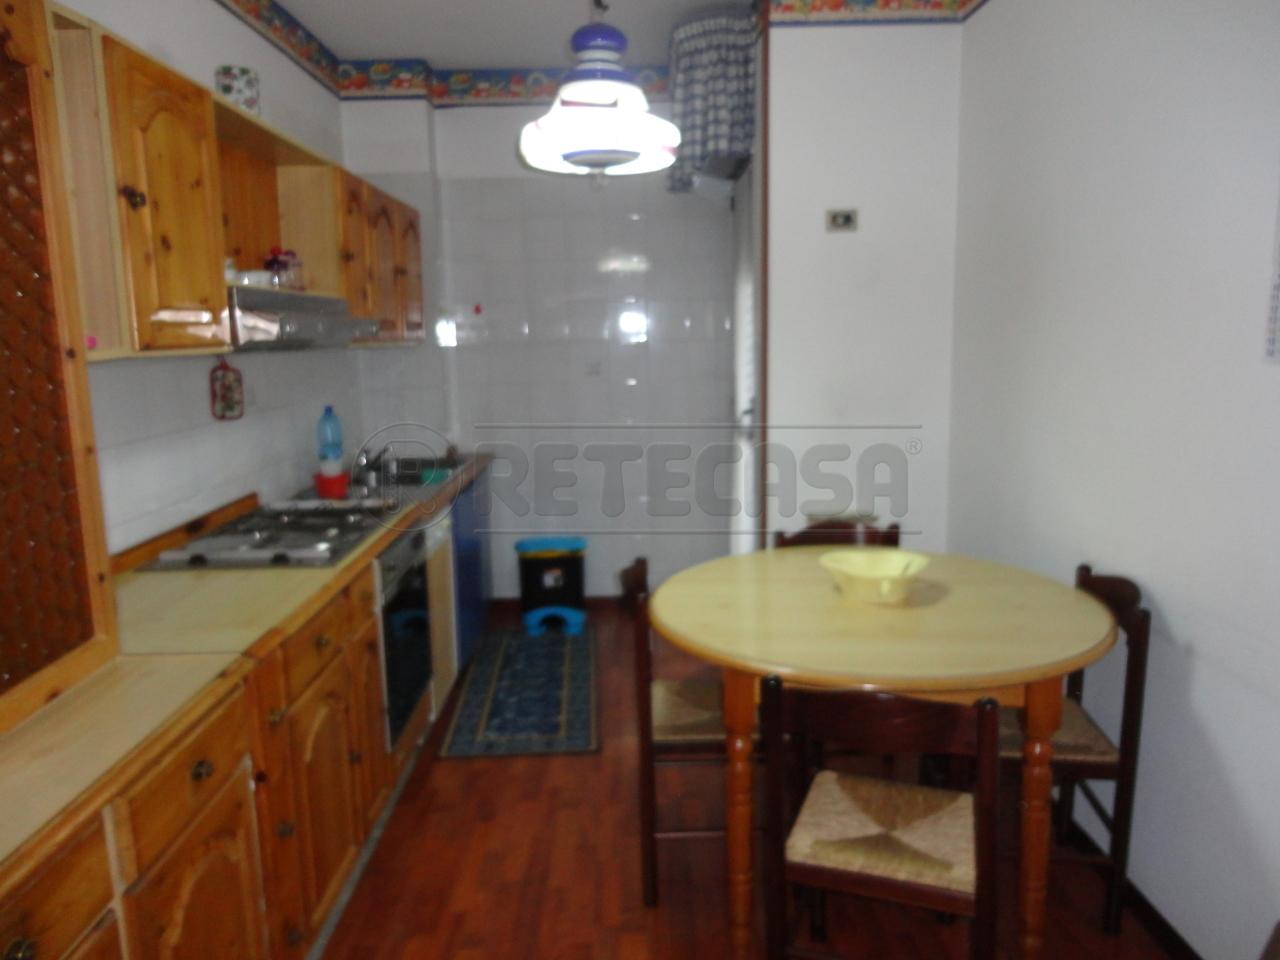 Trilocale in affitto a Catanzaro in Via Conti Falluc